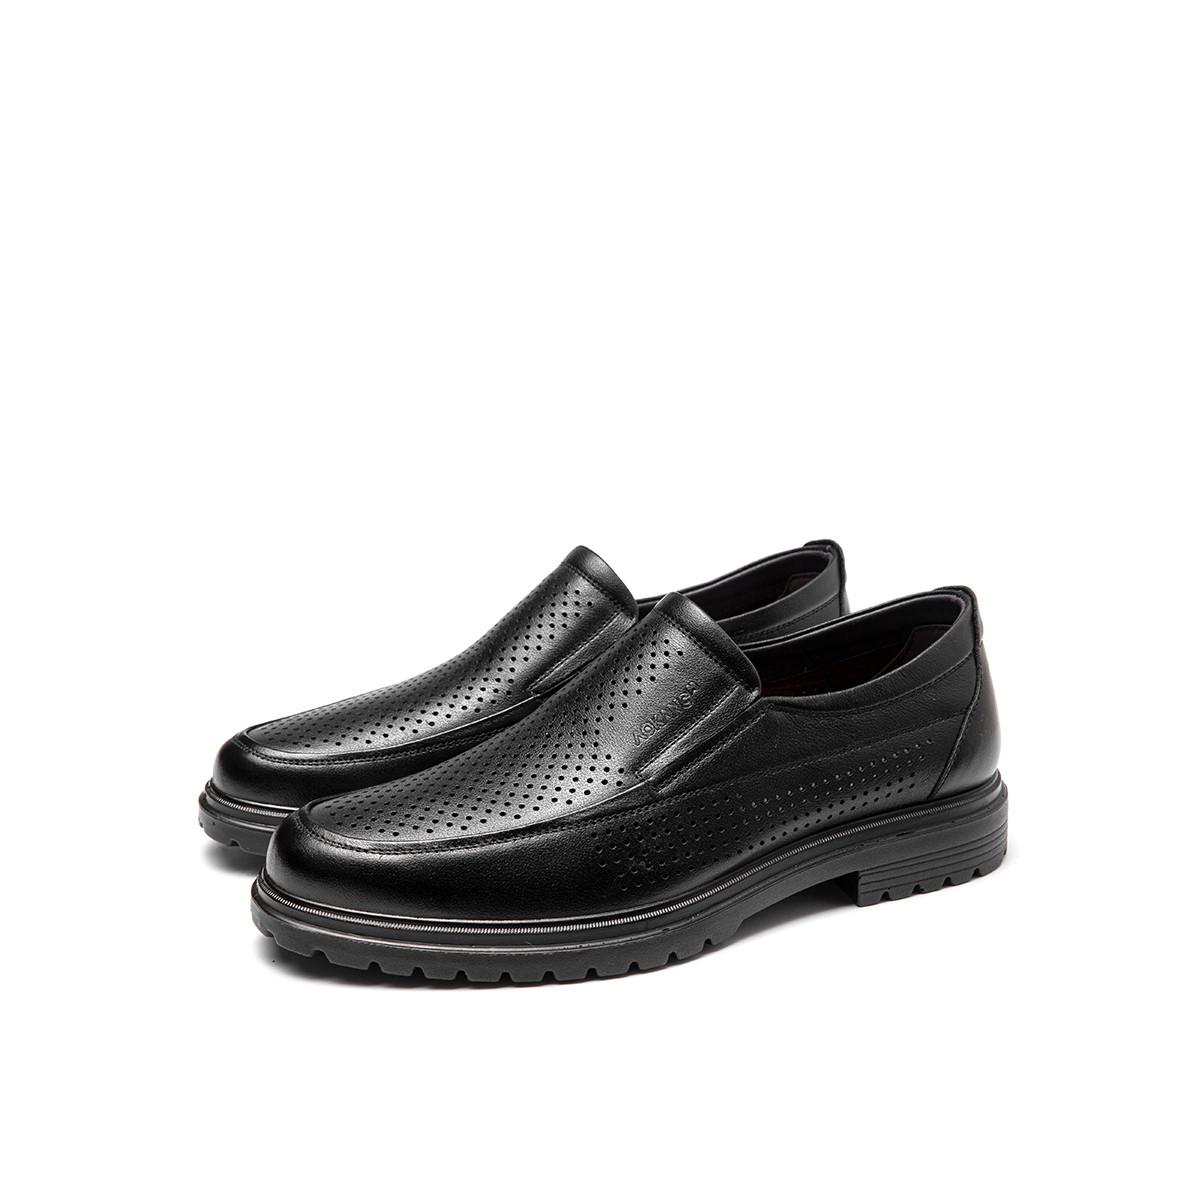 奥康奥康男鞋2019潮流休闲镂空男鞋套脚低跟透气皮鞋193812008